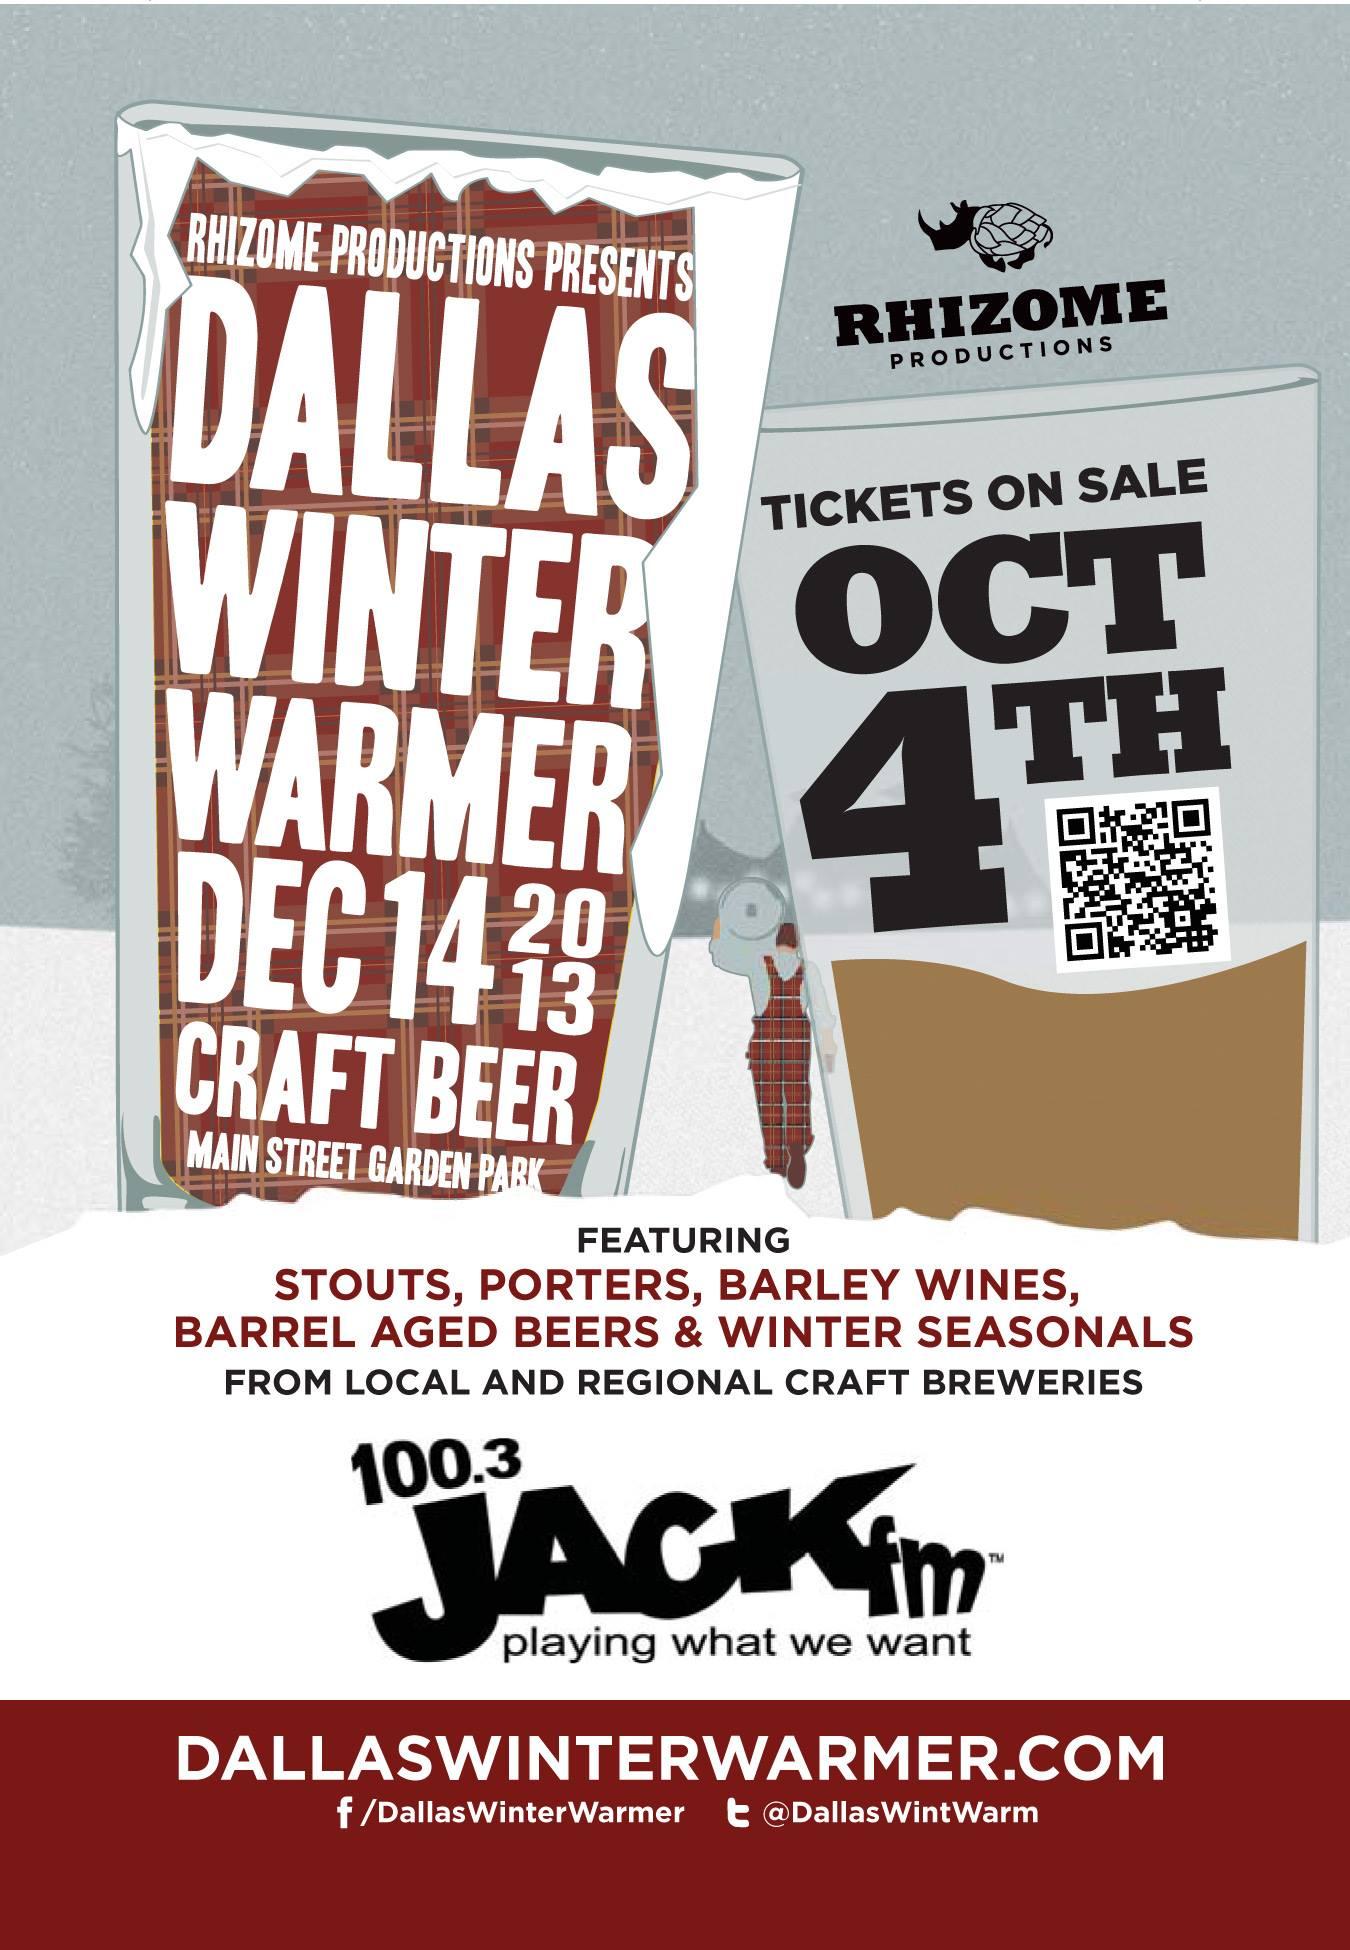 Dallas Winter Warmer 2013 - Beer in Dallas